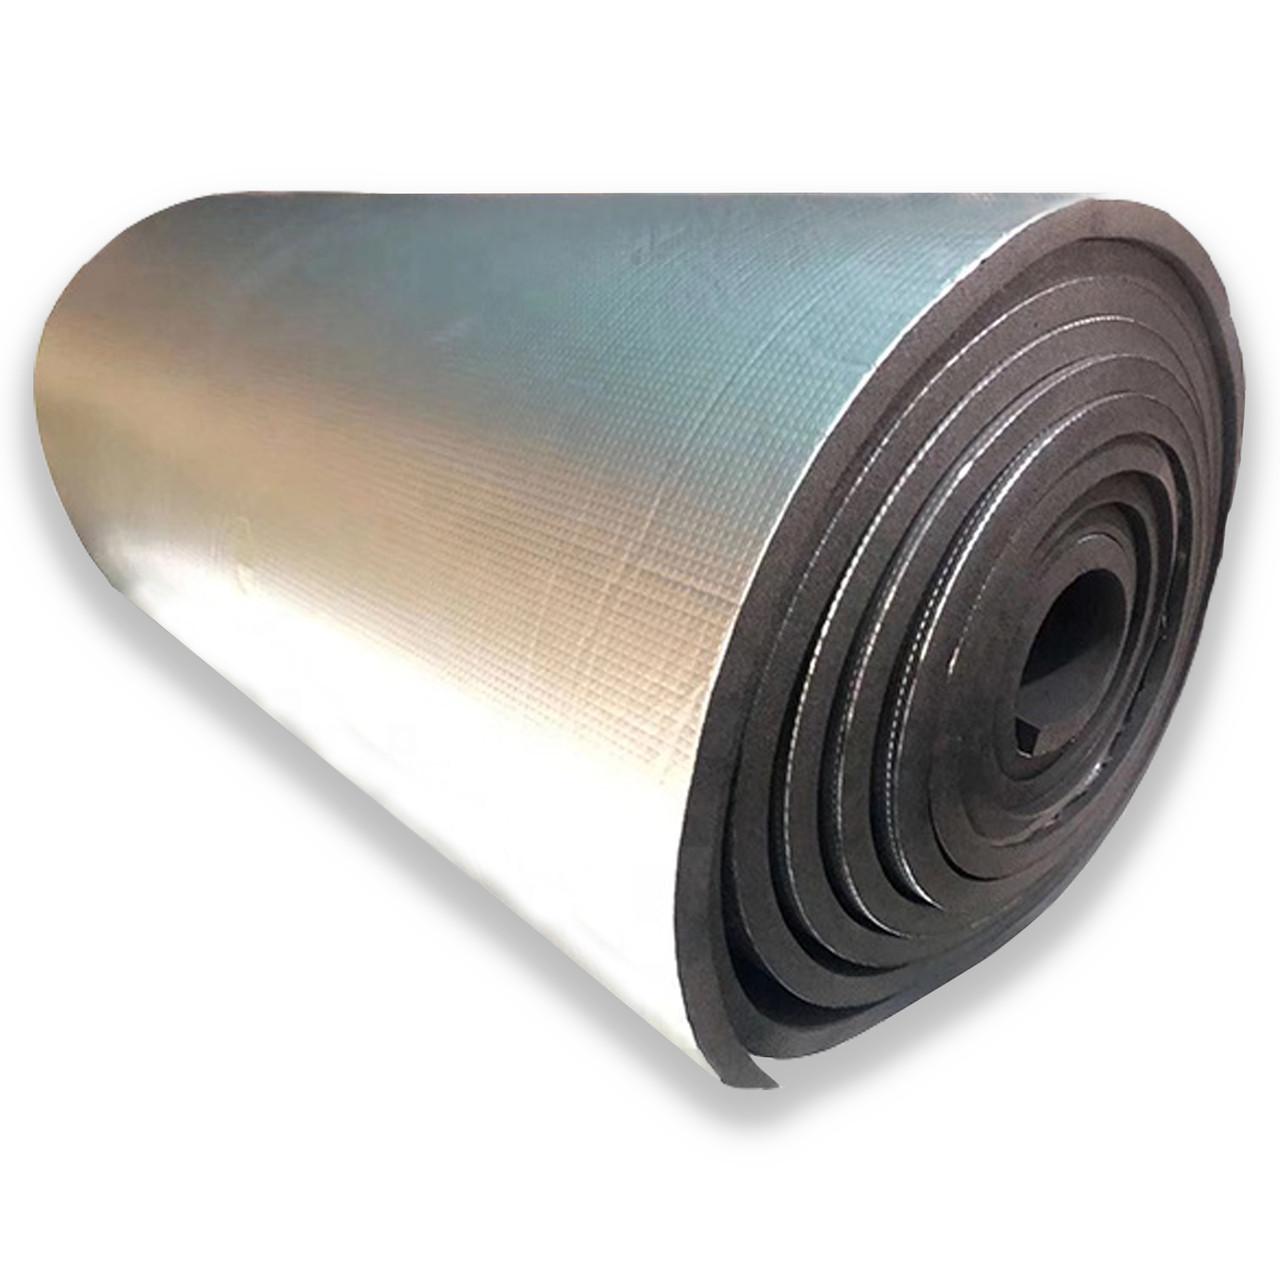 Вспененный каучук 32 мм фольгированный (утеплитель, шумоизоляция)